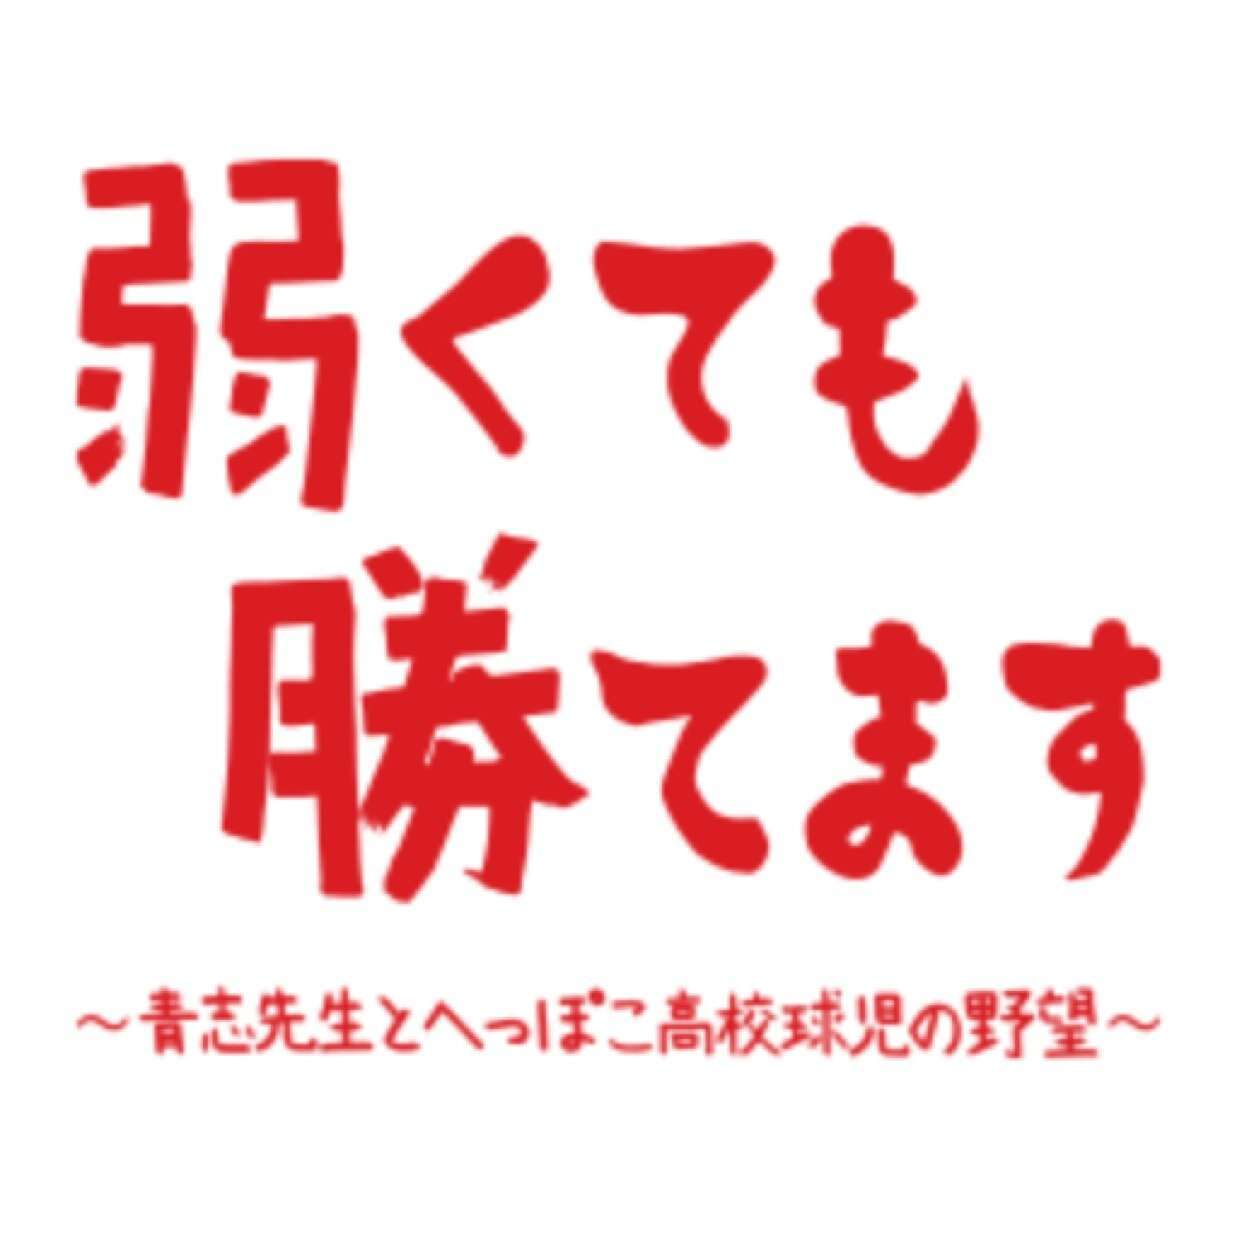 二宮和也主演の野球ドラマ「弱くても勝てます」ジリ貧7.6%